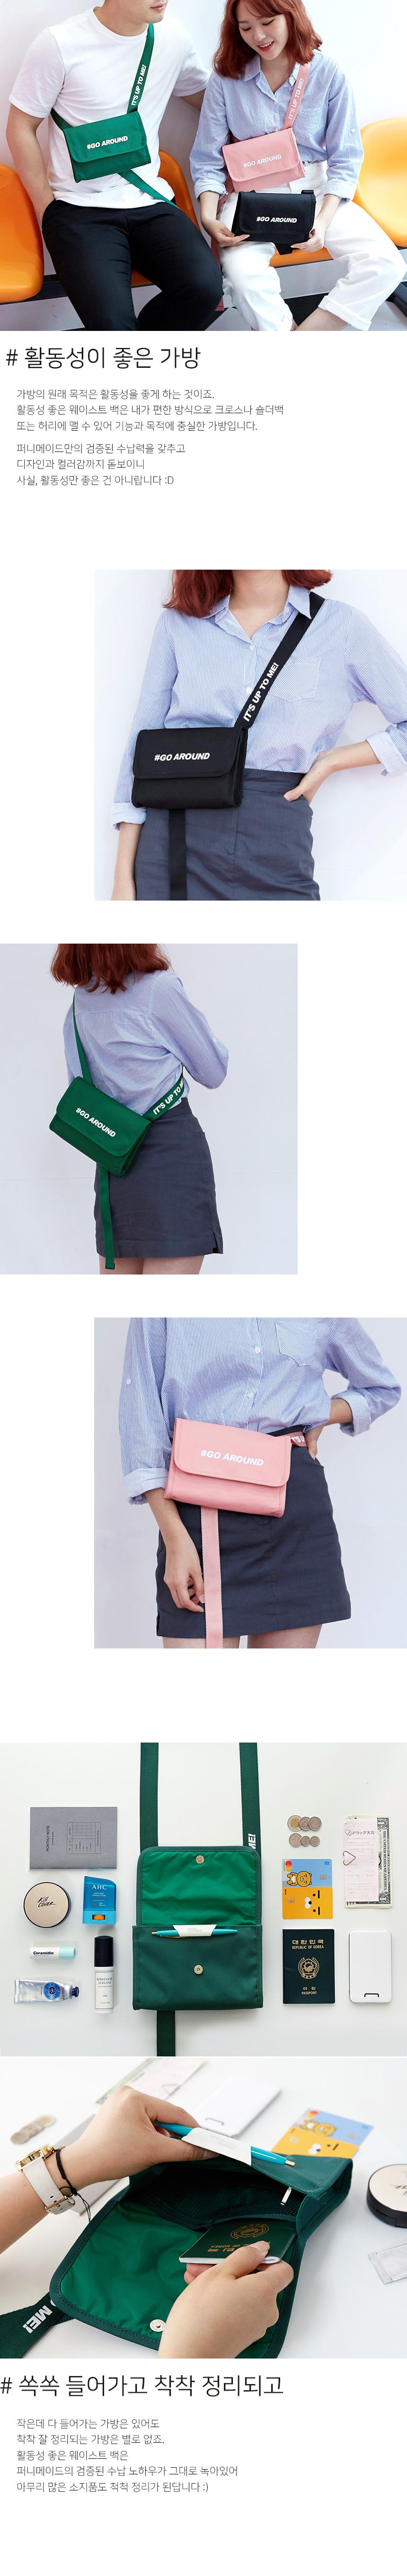 활동성 좋은 웨이스트백 - 퍼니메이드, 23,200원, 크로스/숄더백, 크로스백